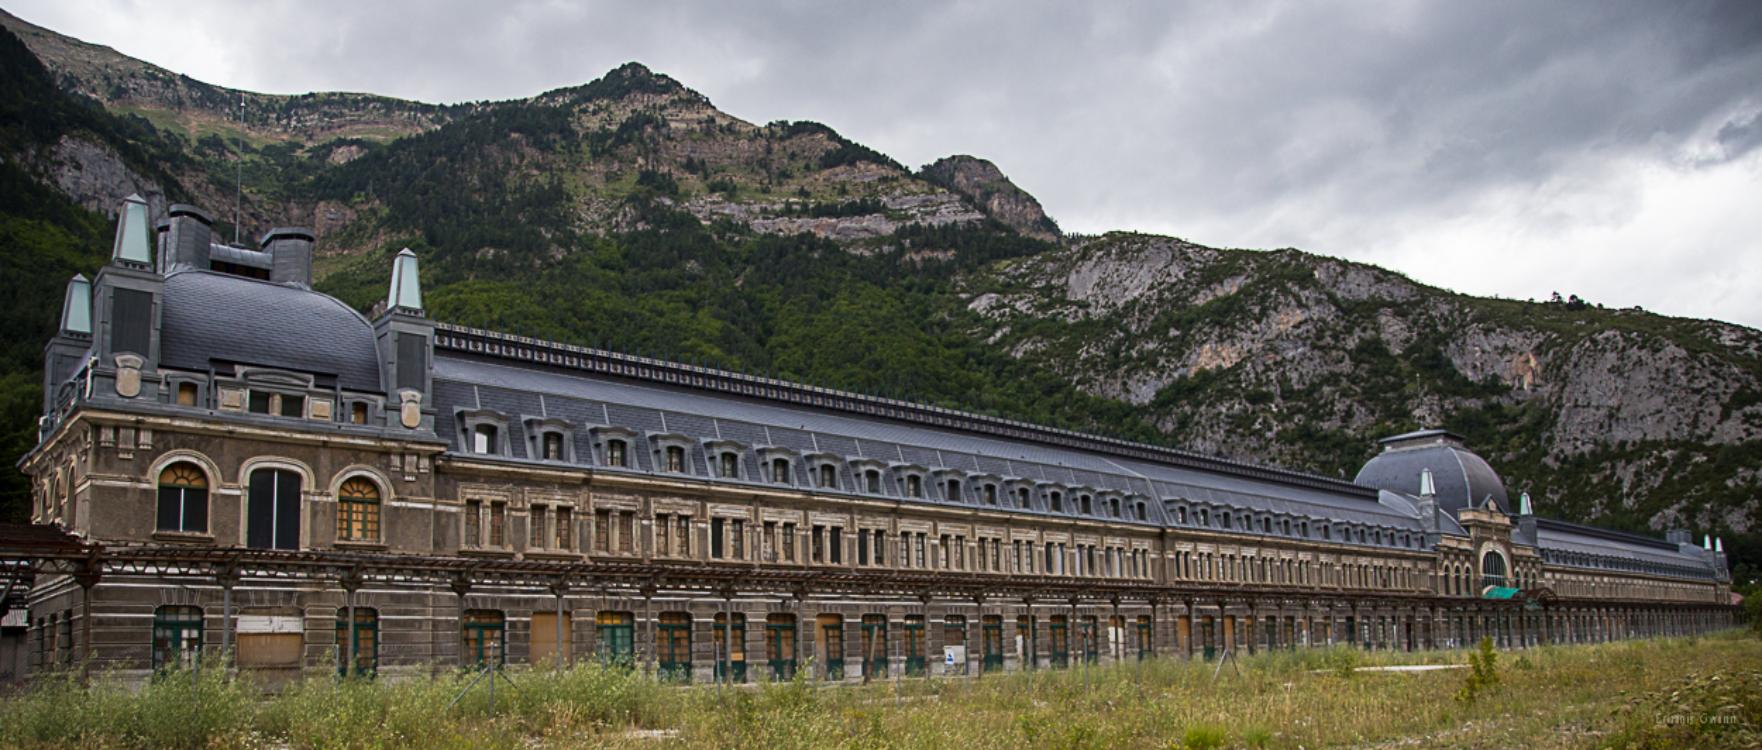 Esta é uma das estações de comboio mais bonitas do mundo… e está abandonada!